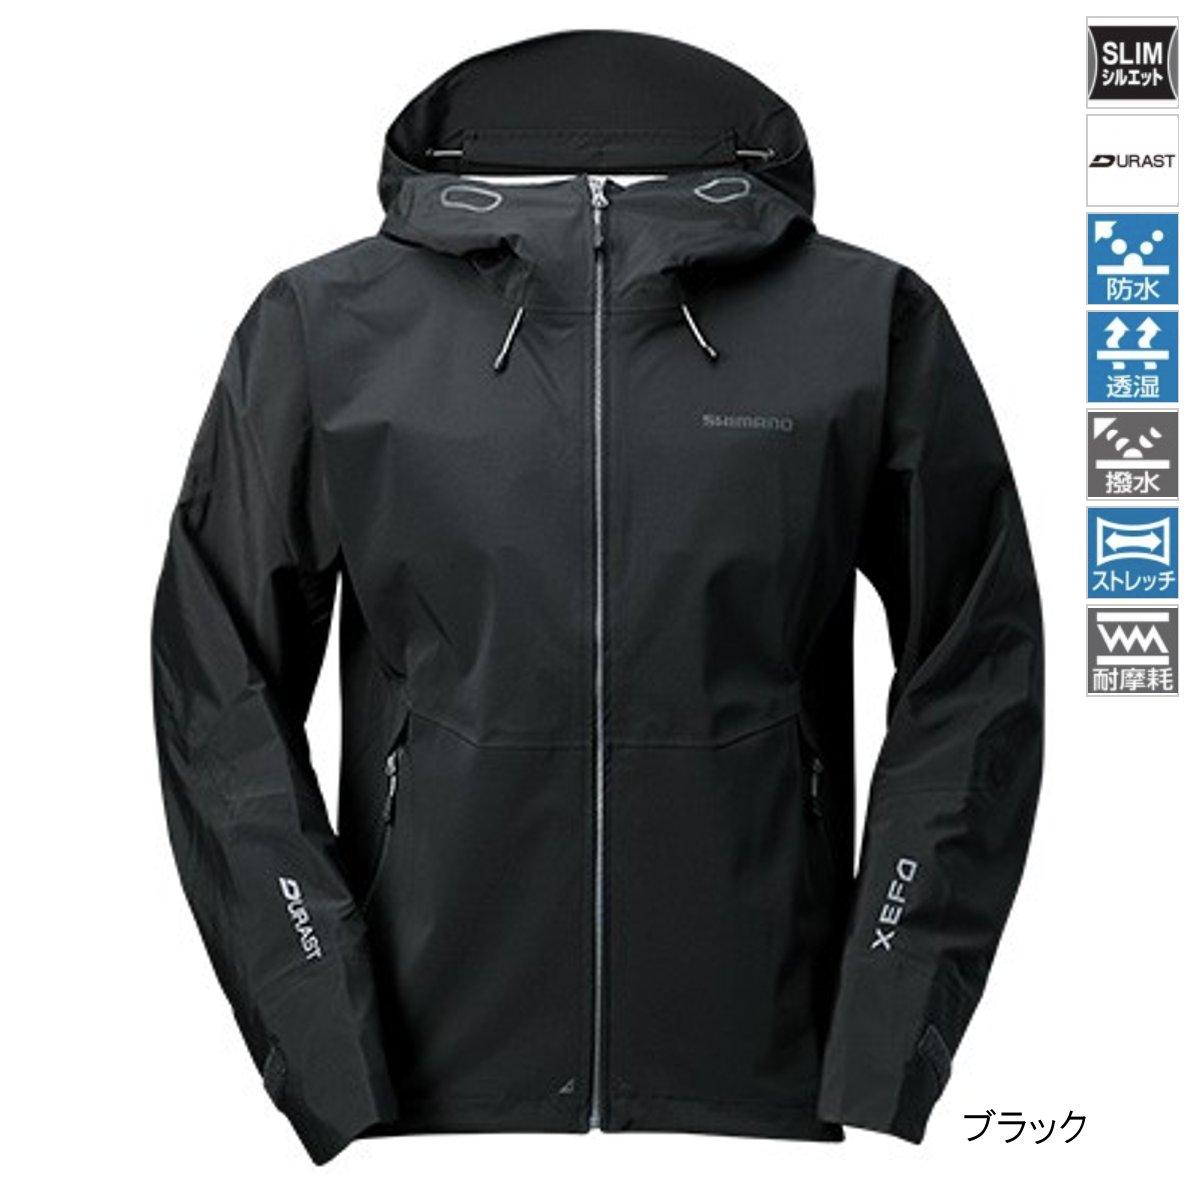 シマノ XEFO・DURAST レインジャケット RA-22JS L ブラック【送料無料】